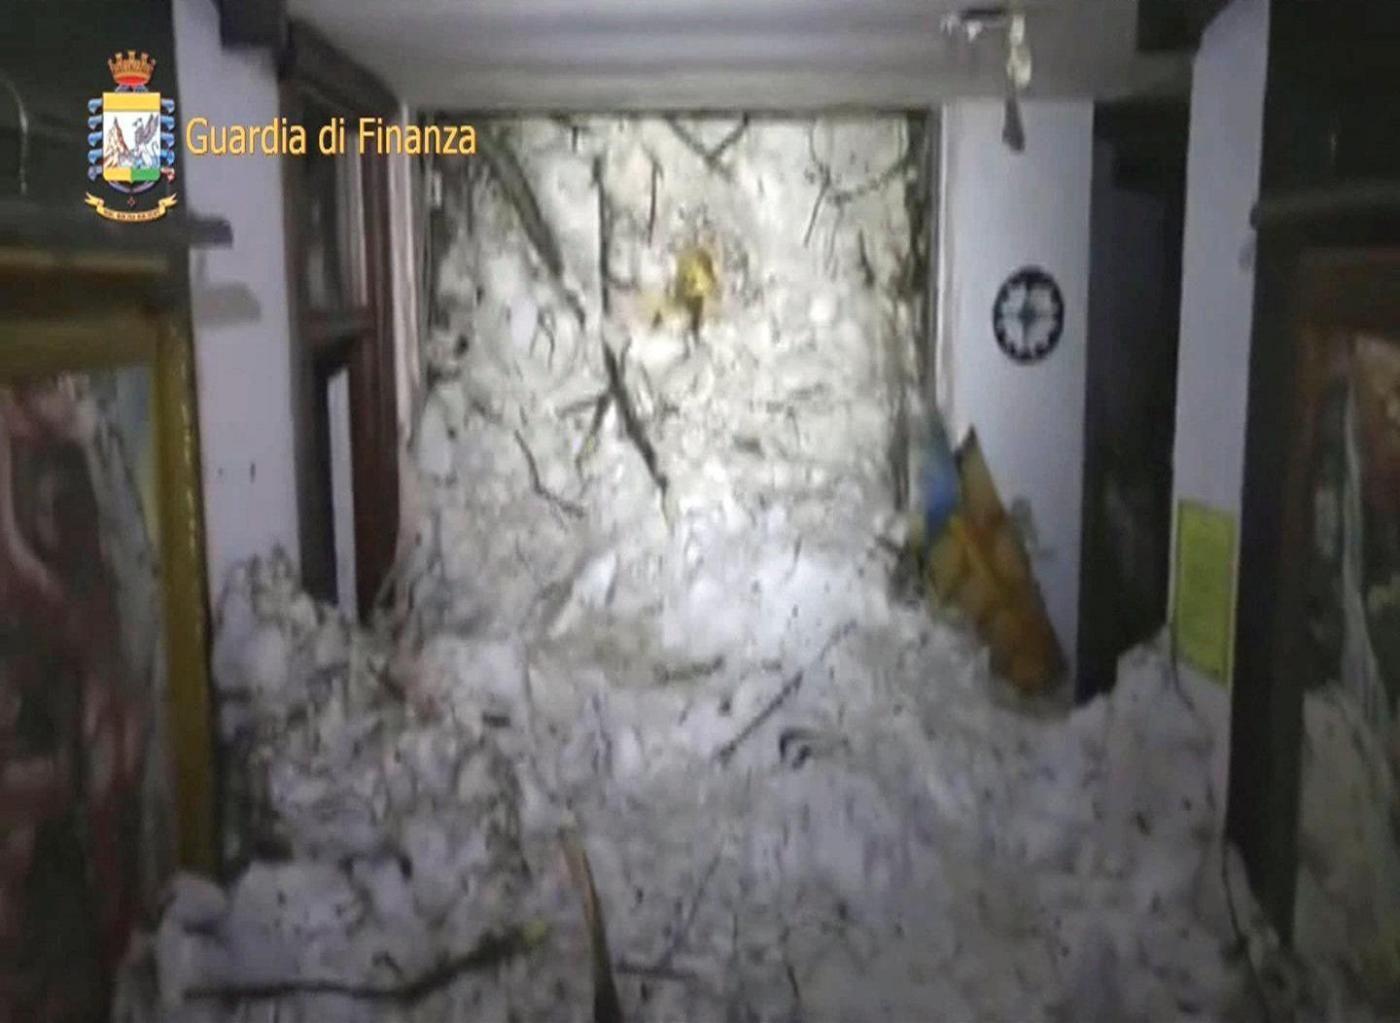 li interni dell'Hotel Rigopiano dopo la valanga, immagini della Guardia di Finanza